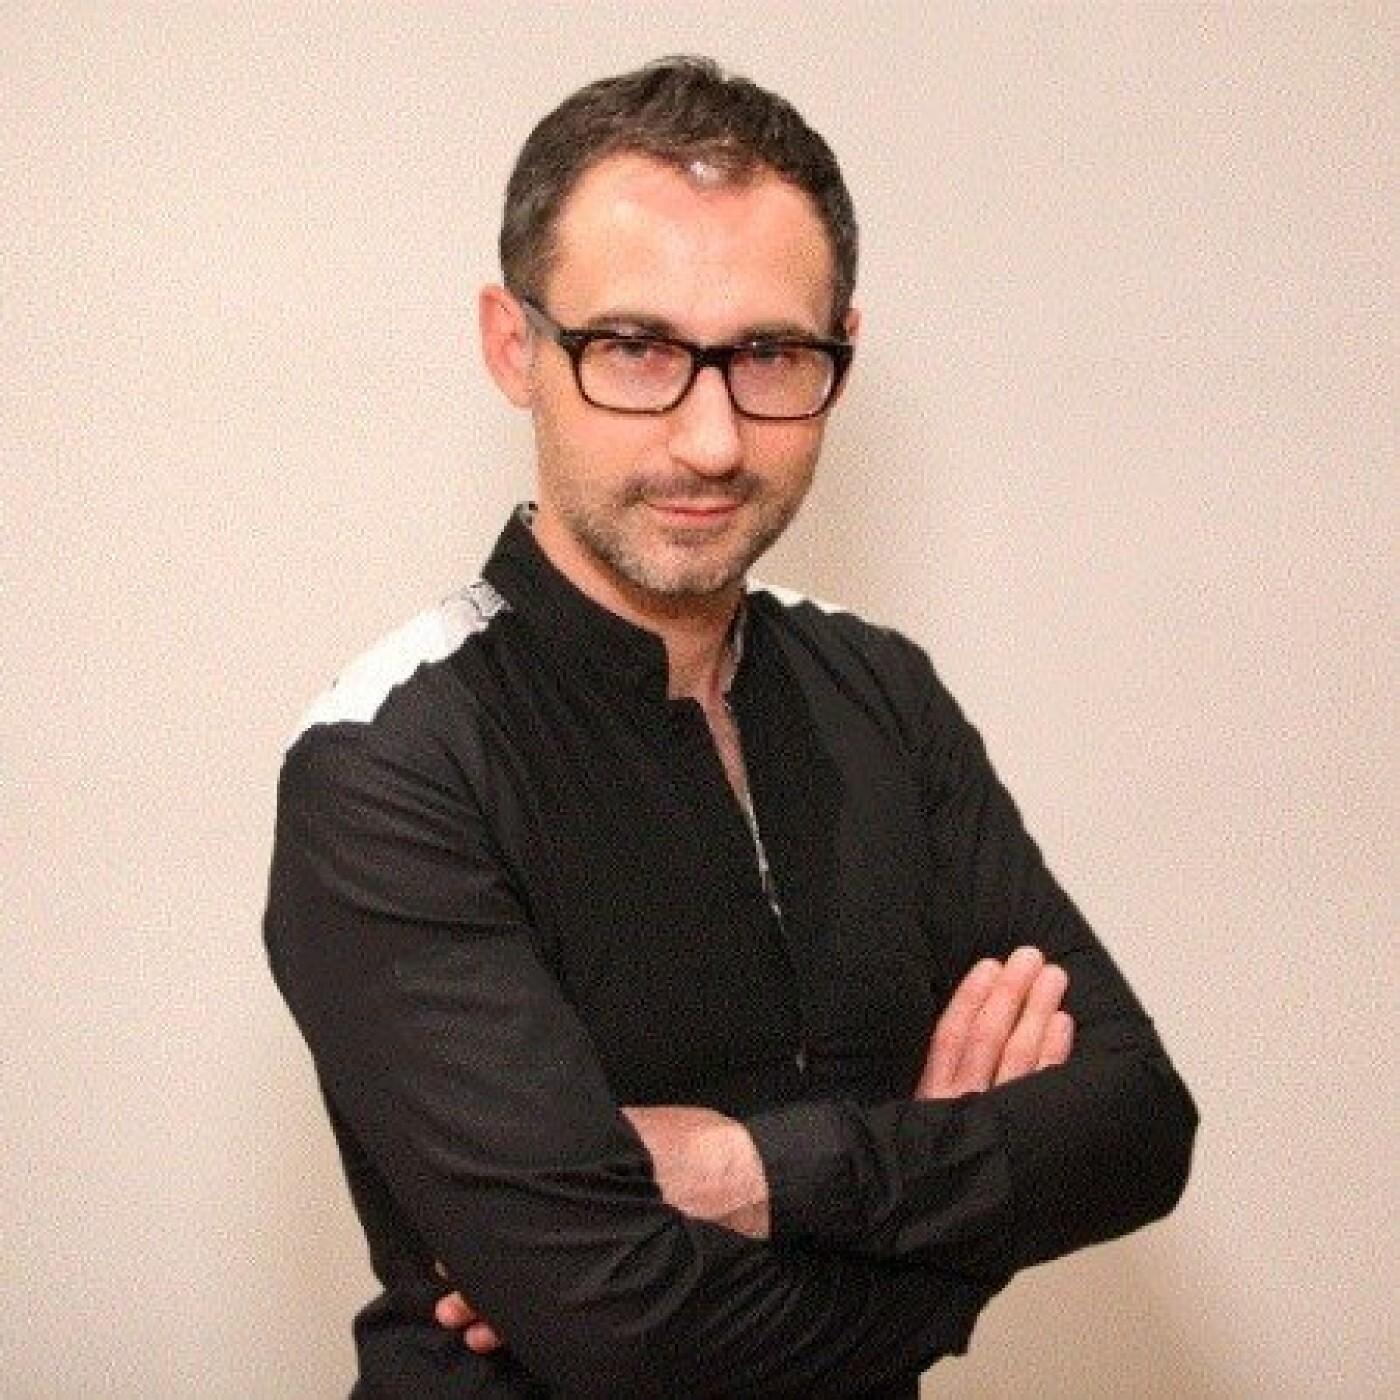 Guillaume est expatrié à Bruxelles, il est journaliste chez Bel RTL - 20 05 2021 - StereoChic Radio